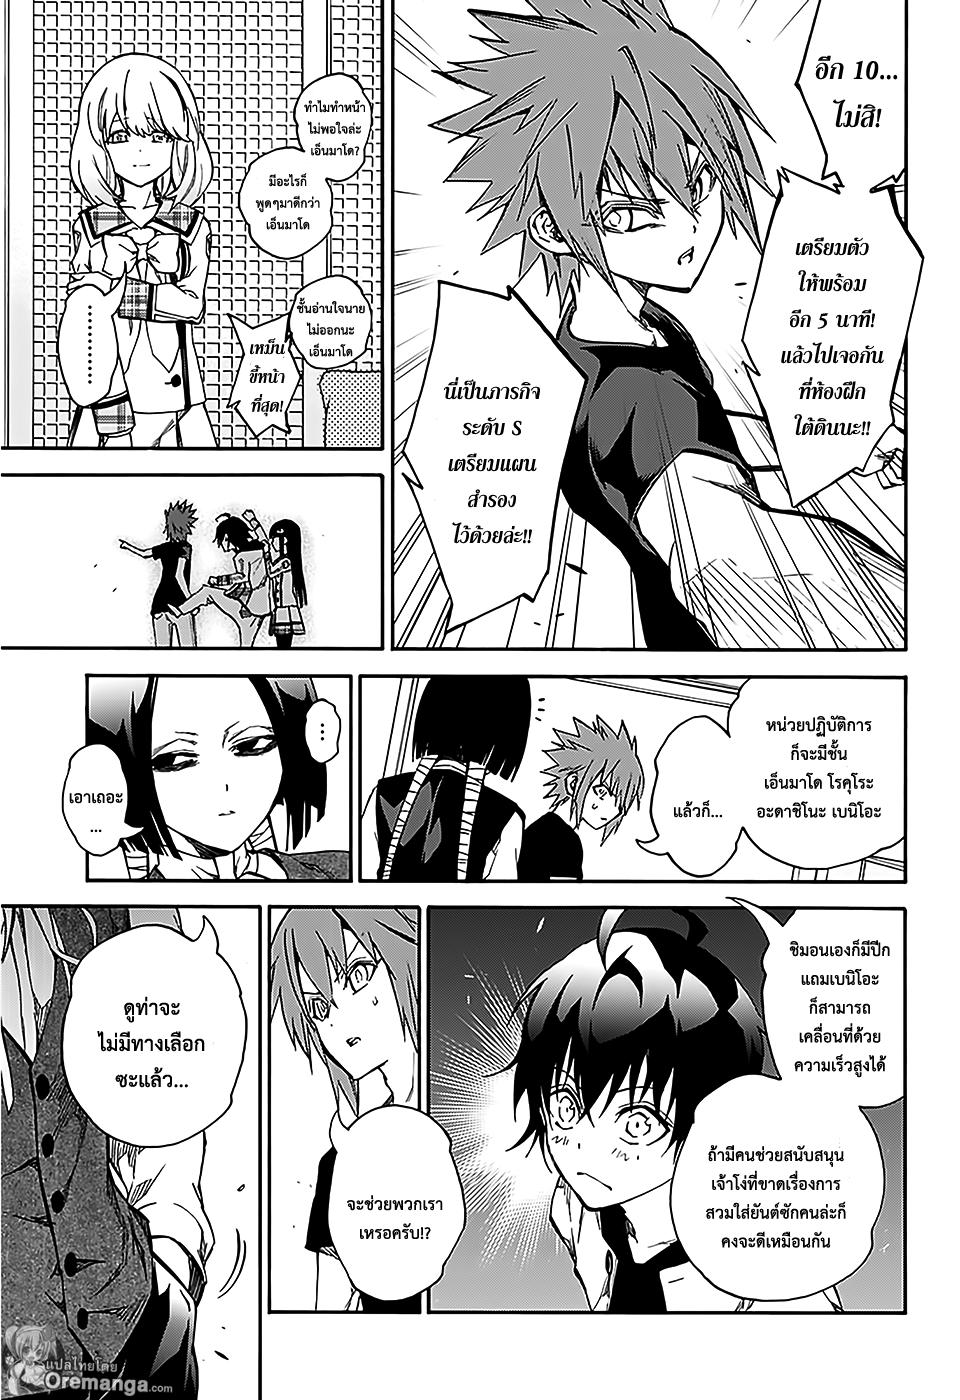 อ่านการ์ตูน Sousei no Onmyouji ตอนที่ 25 หน้าที่ 21